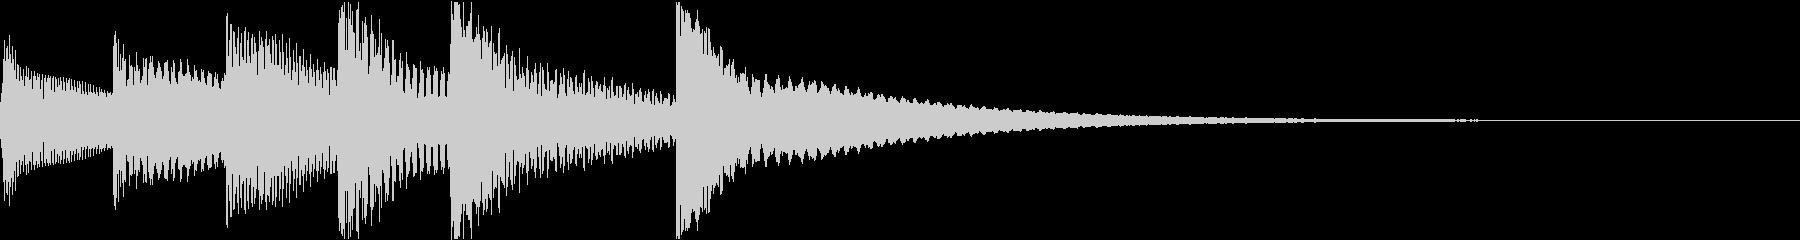 シンプルベル お知らせ ハテナ ? 25の未再生の波形